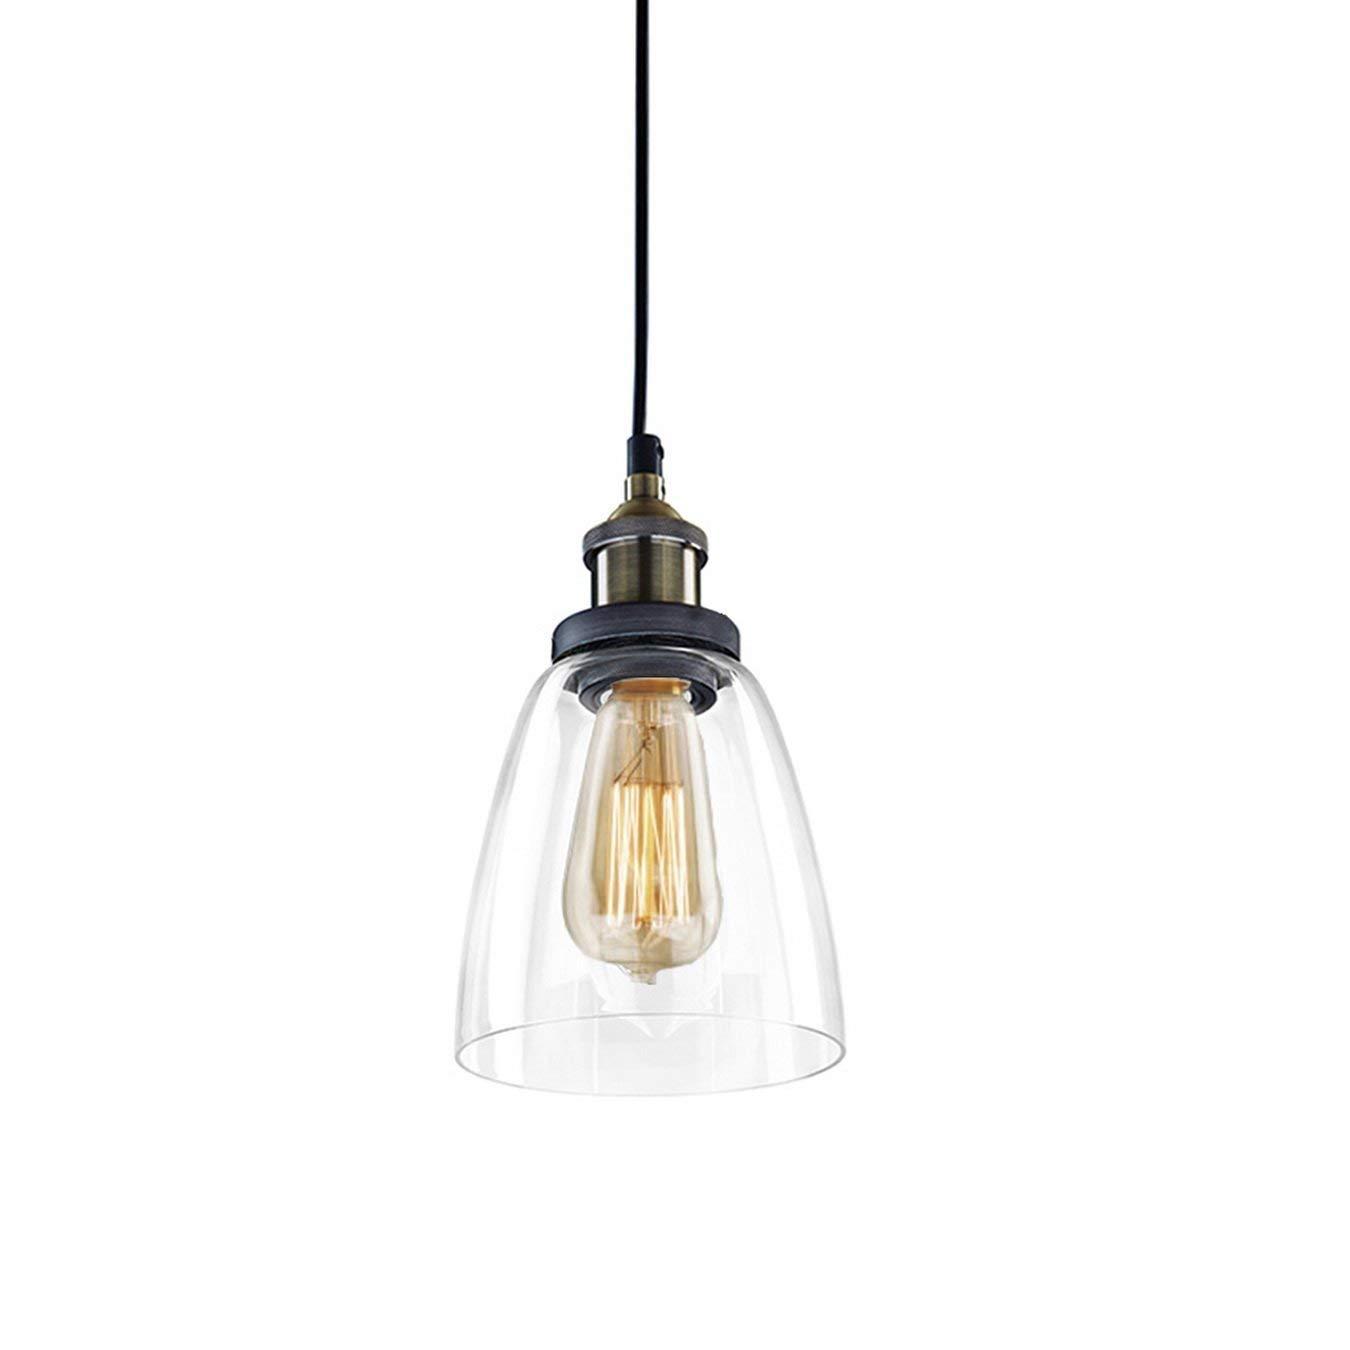 Unimall Retro Edison Lampada a Sospensione Plafoniera in Vetro lampada a SoffittoSteampunk Lampadario Loft Decorazione/per Sala/Bar Ristorante Ufficio